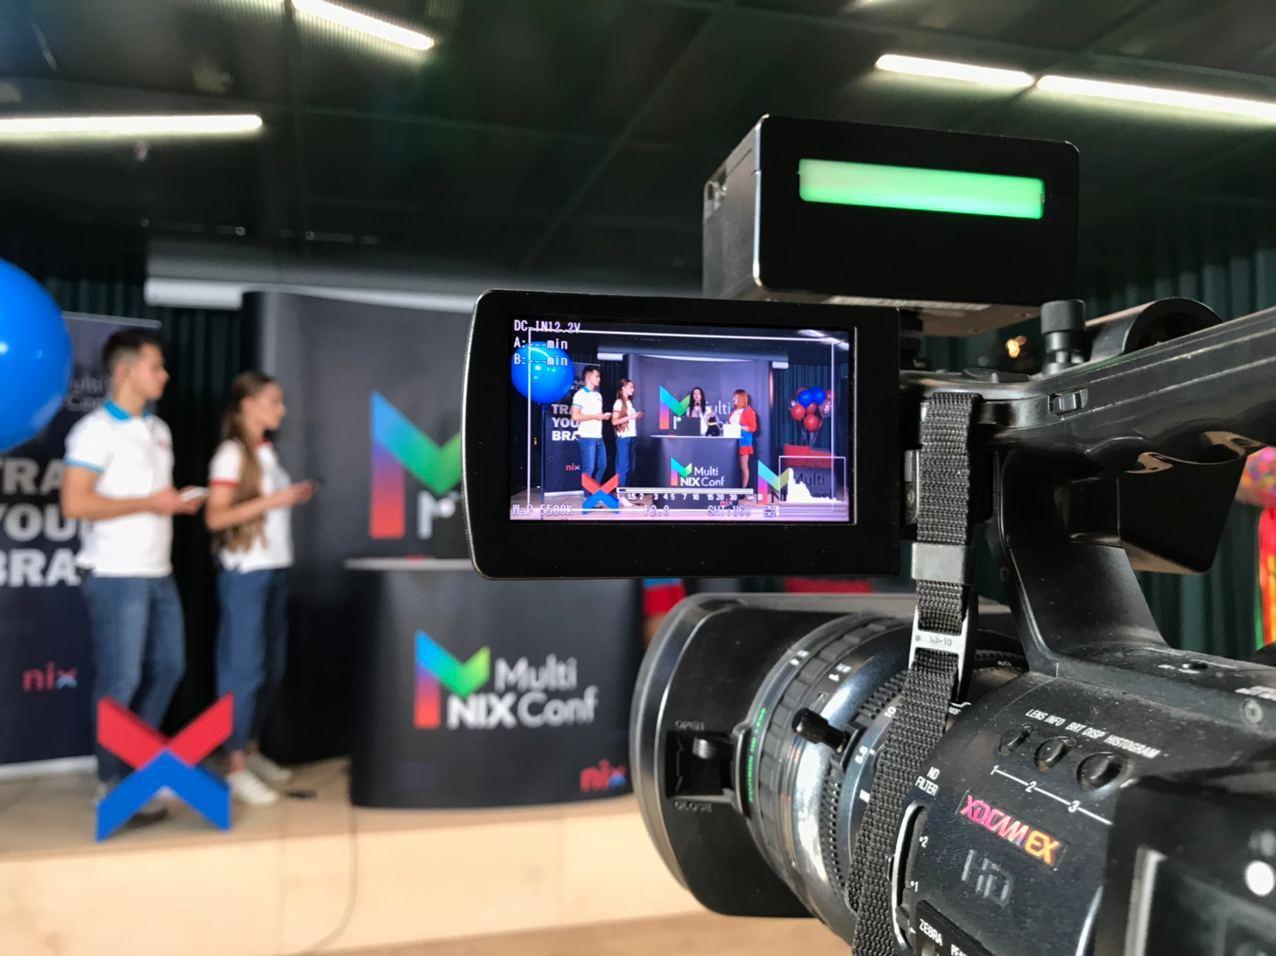 2020-10-30-12.14.03 Як NIXMultiConf стала найбільшою в Україні онлайн IT-конференцією і зібрала 17 тис глядачів із 13 країн